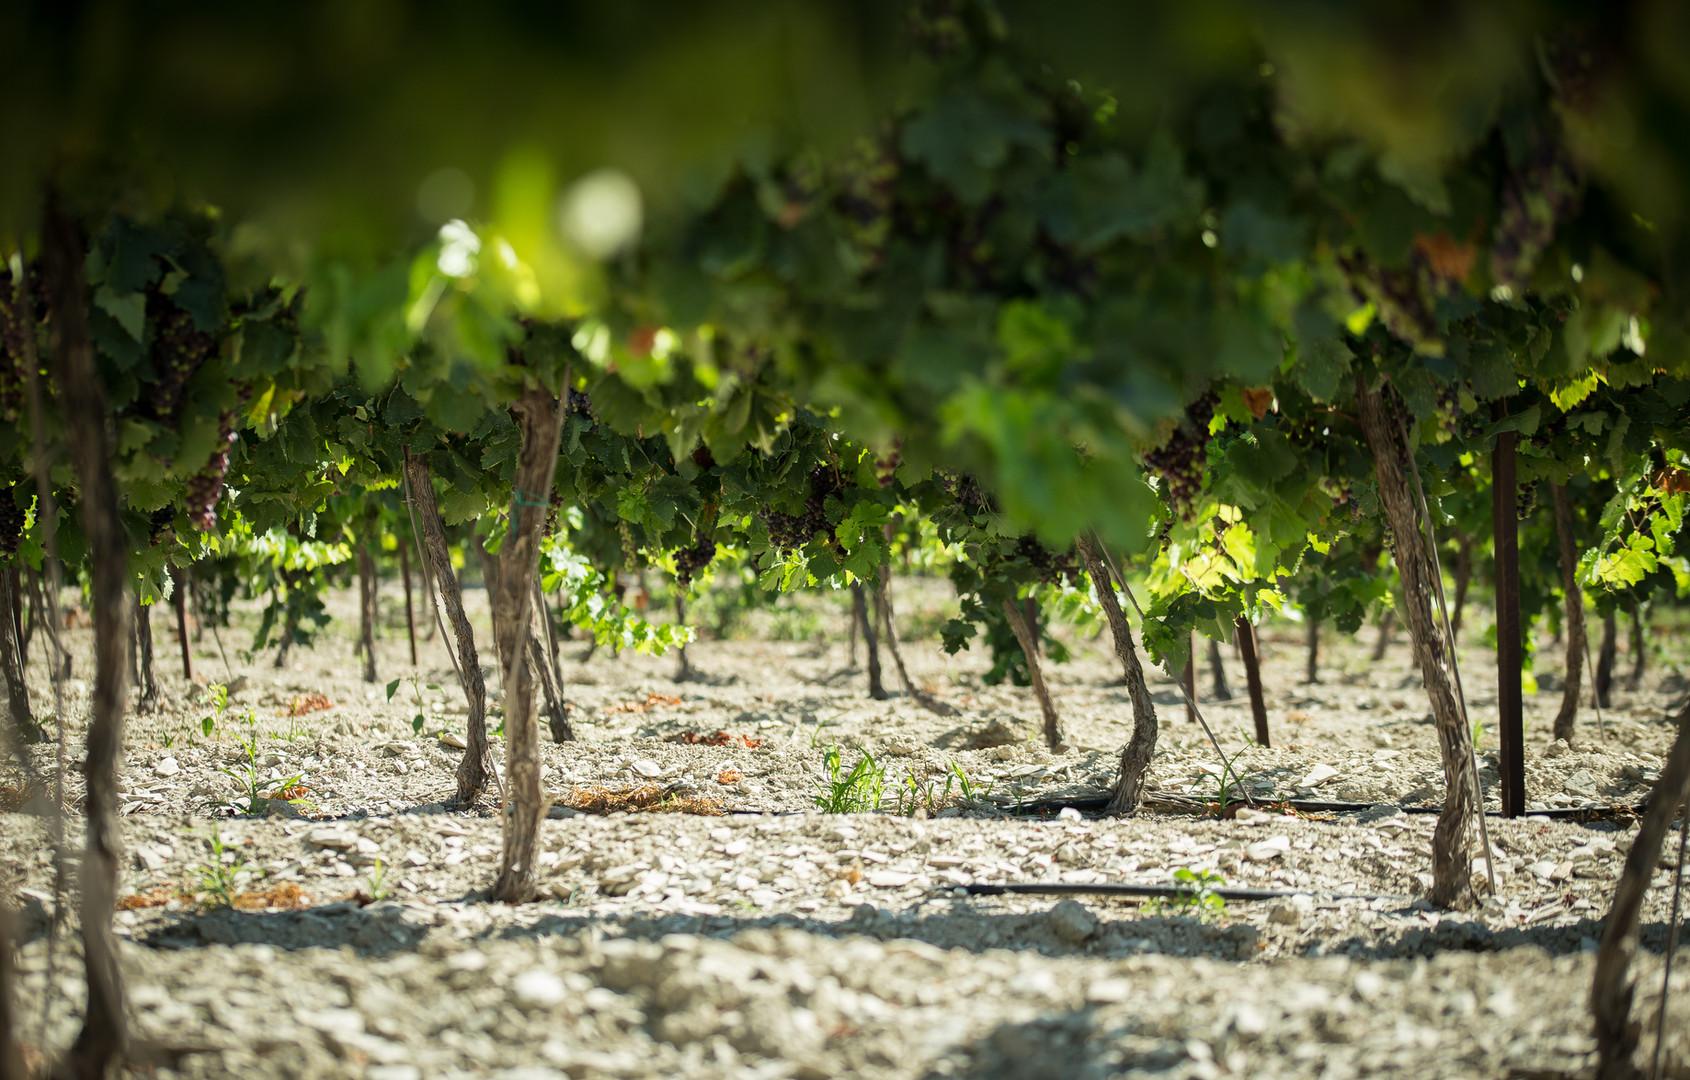 שוק חקלאים   עץ השדה   גבעת עדה